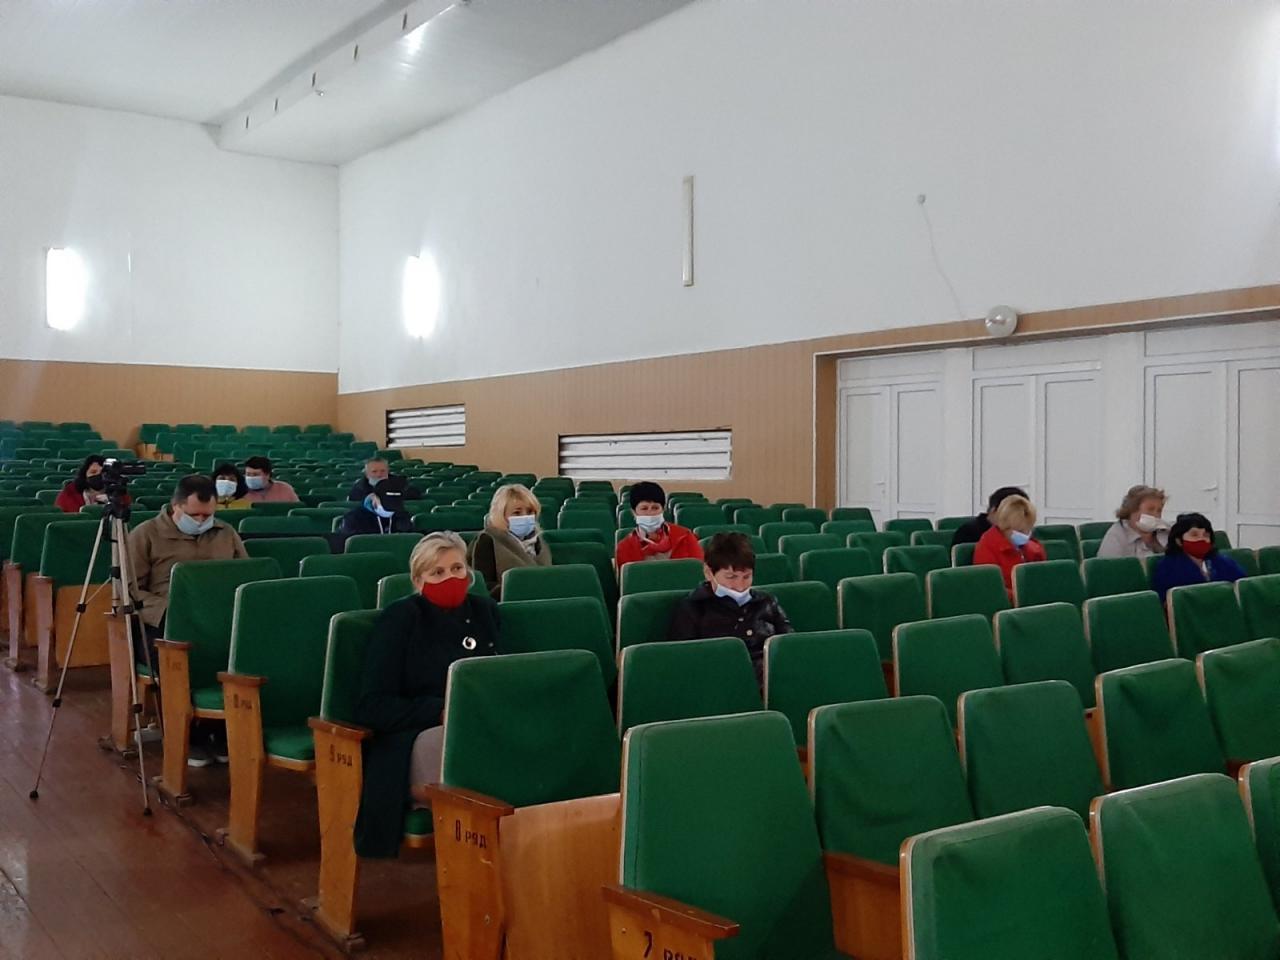 http://dunrada.gov.ua/uploadfile/archive_news/2020/10/15/2020-10-15_986/images/images-75065.jpg